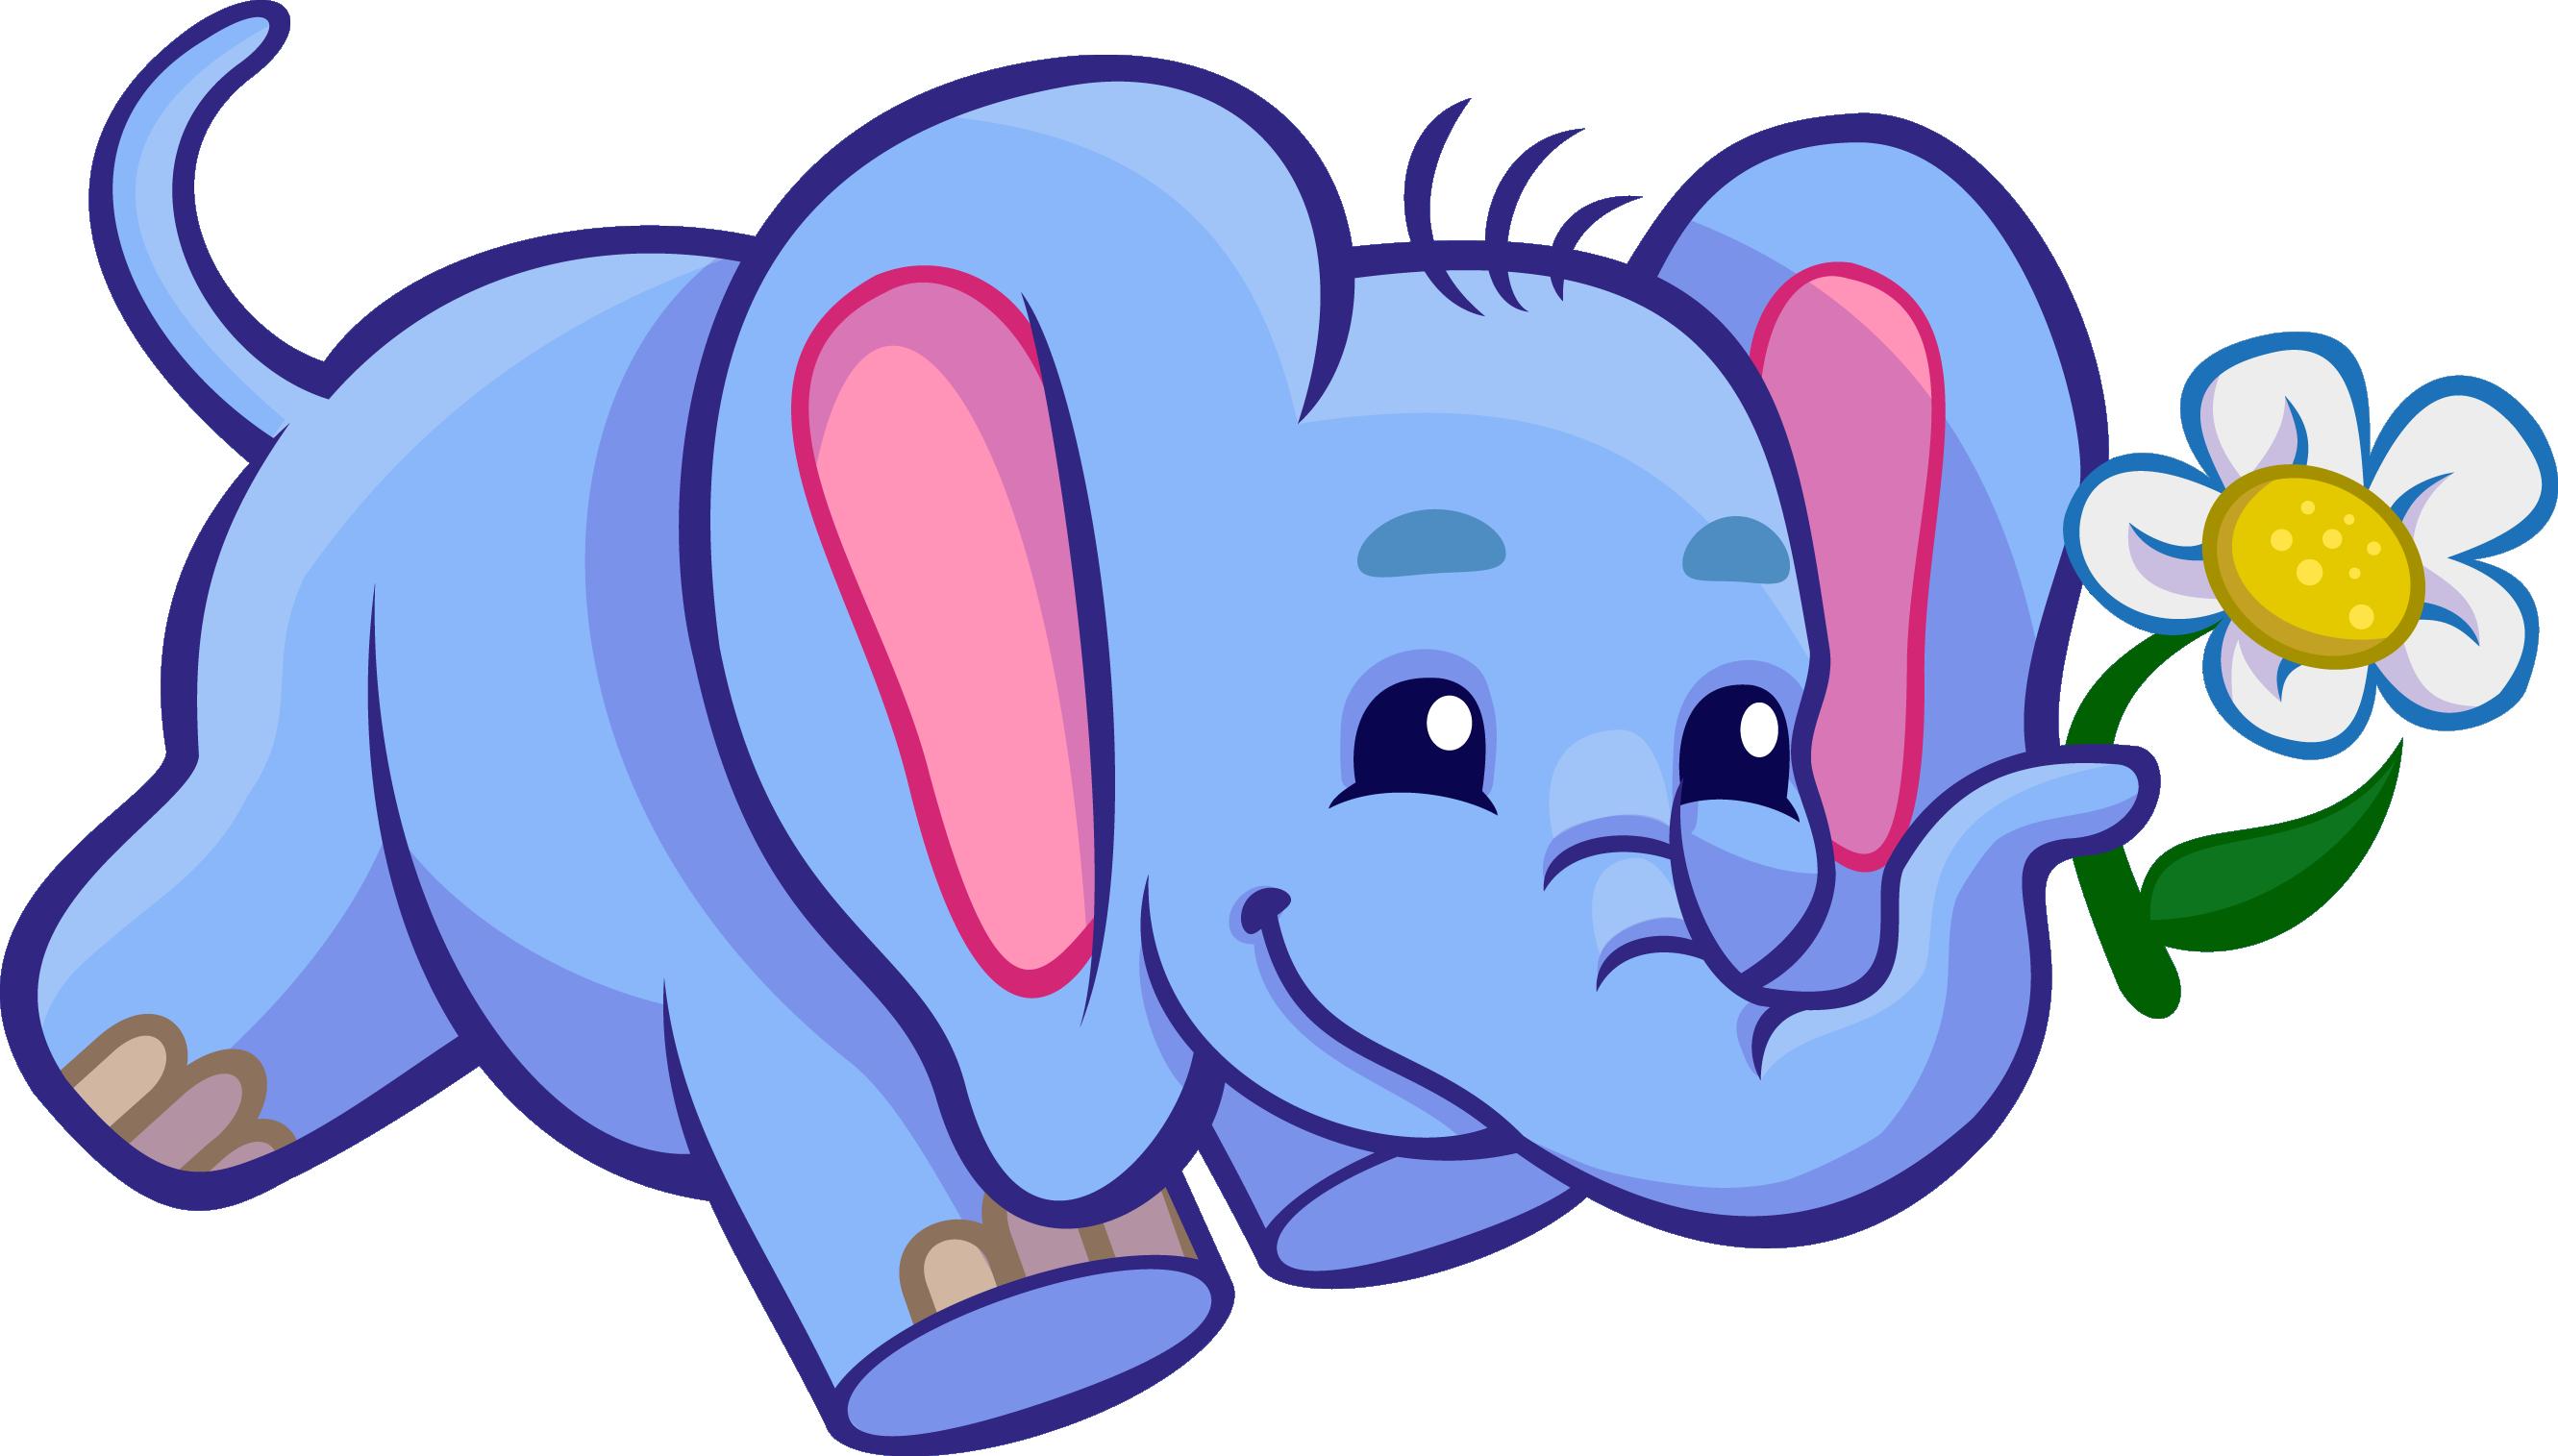 2661x1515 Elephant Clip Art Images